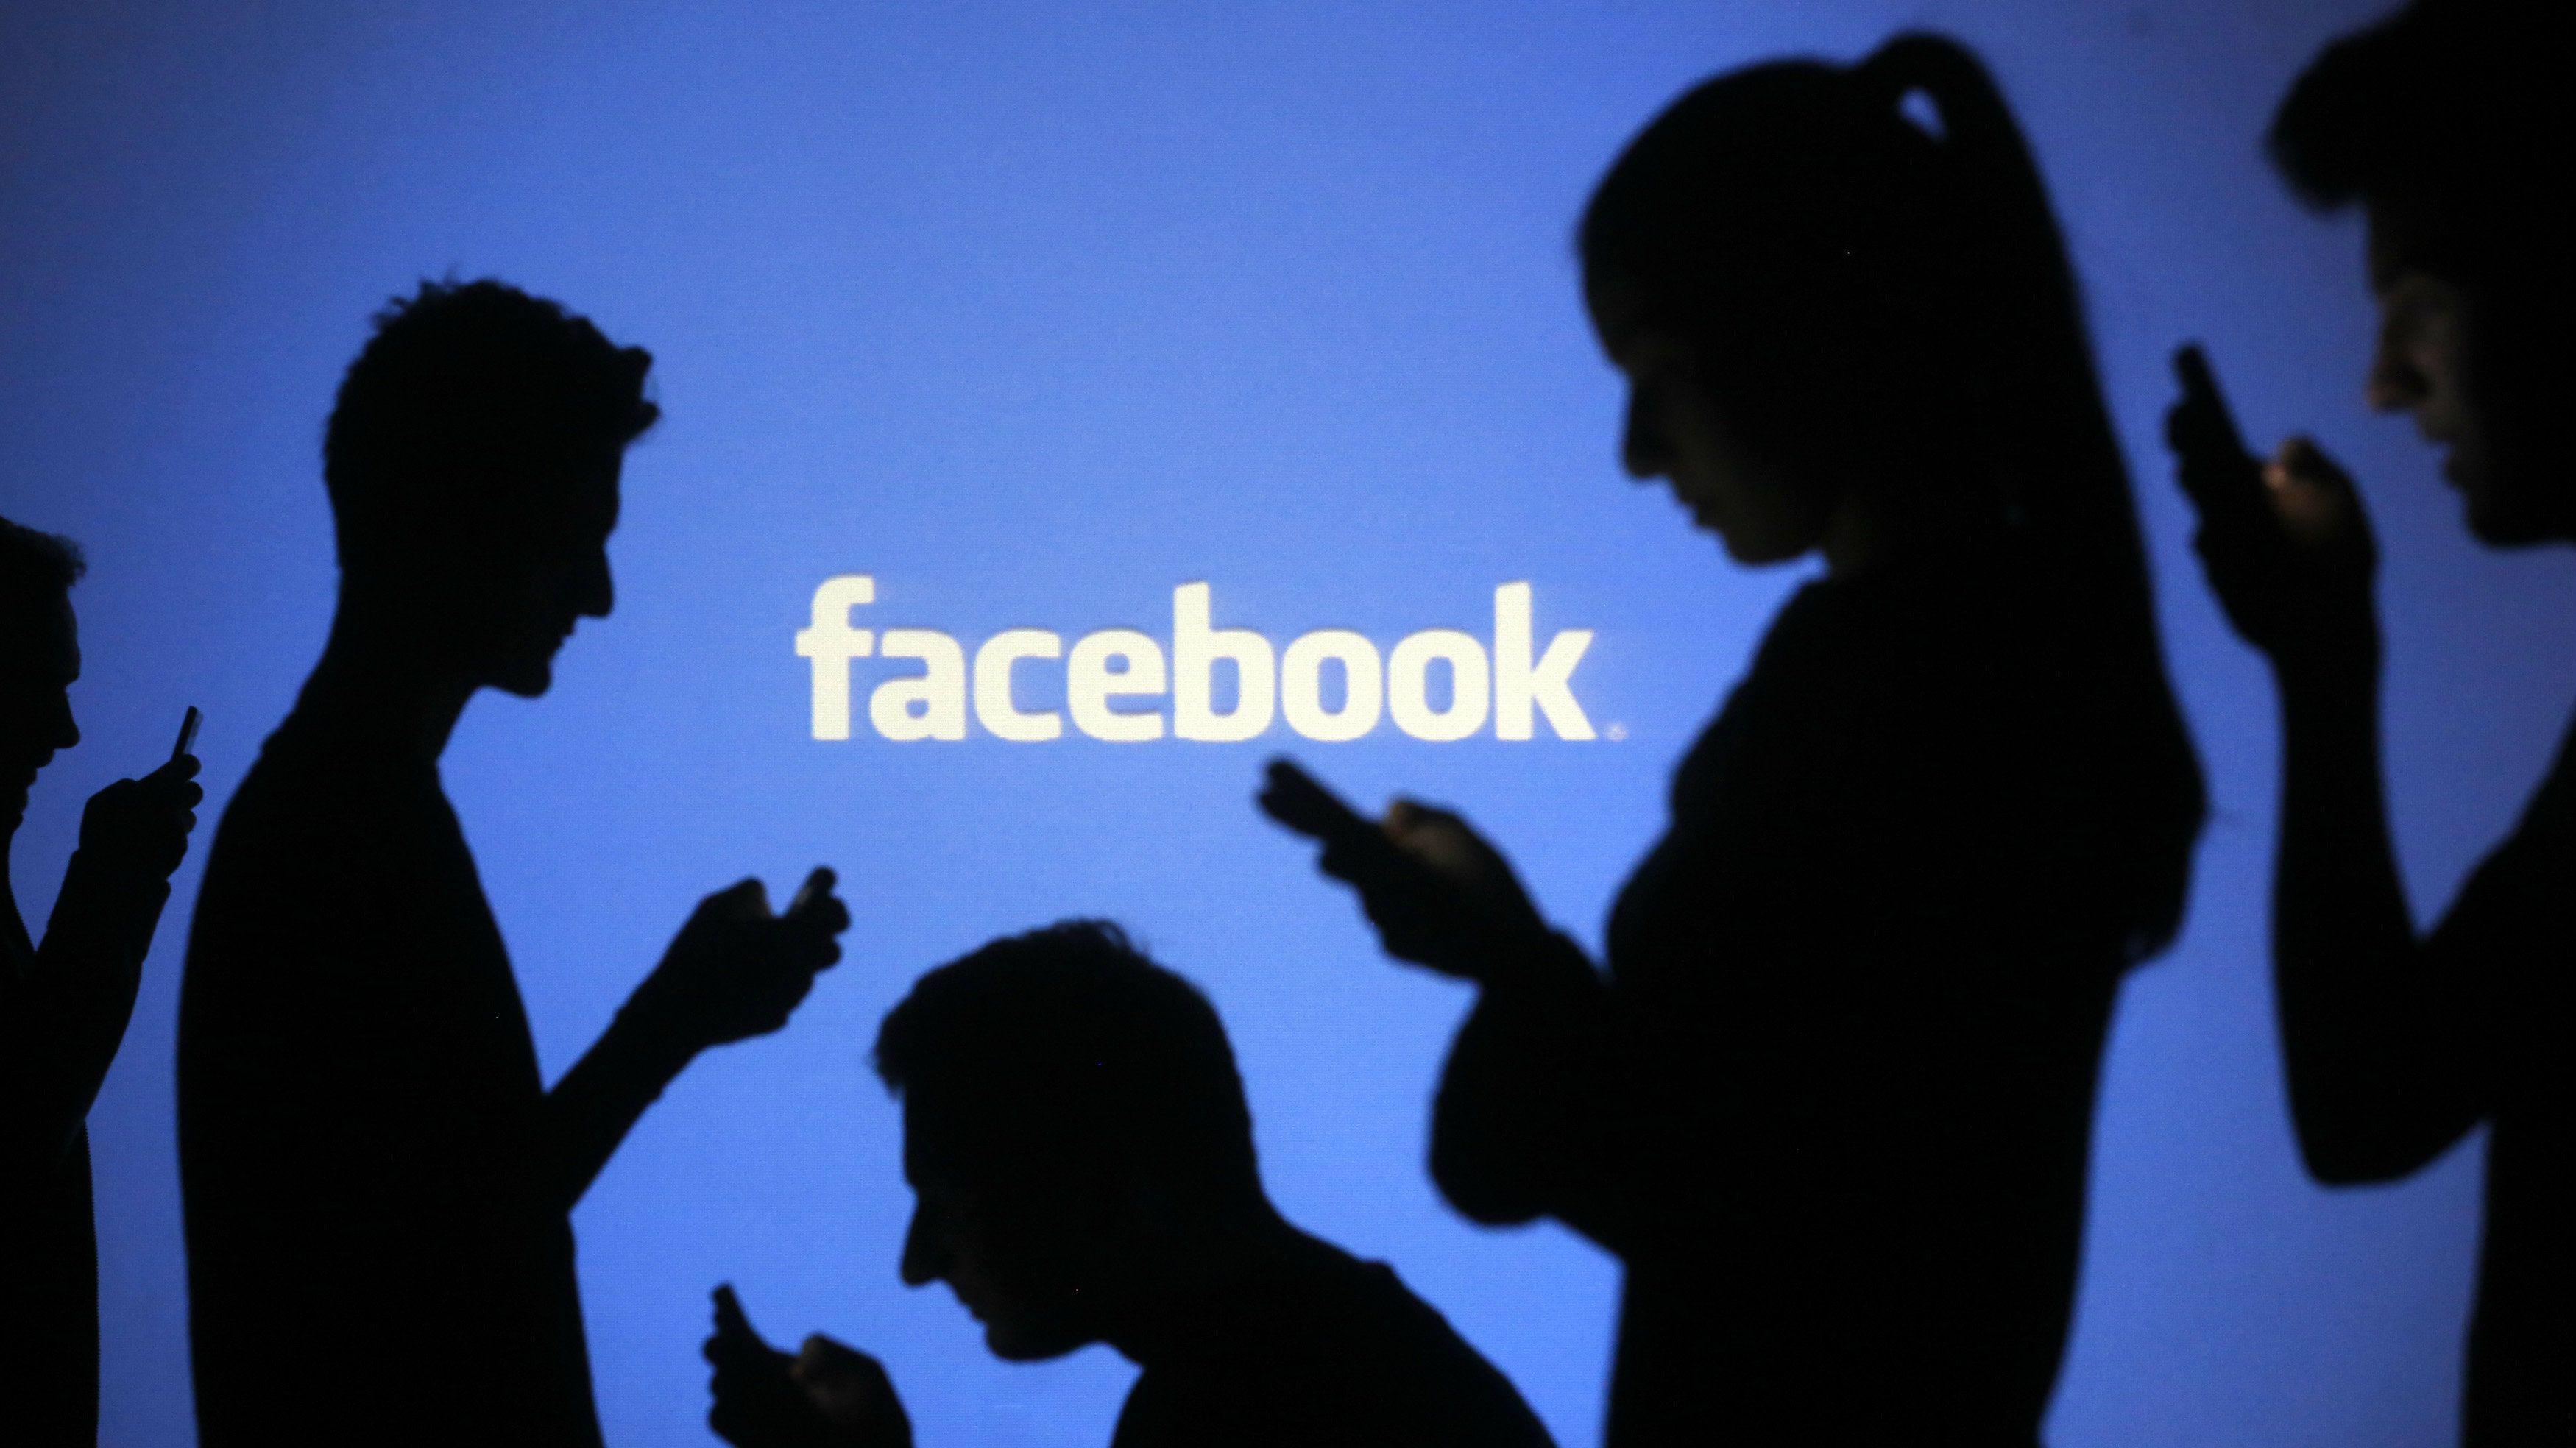 Хорошая попытка! Facebook предложила пользователям присылать голые фотографии для обучения ИИ | Канобу